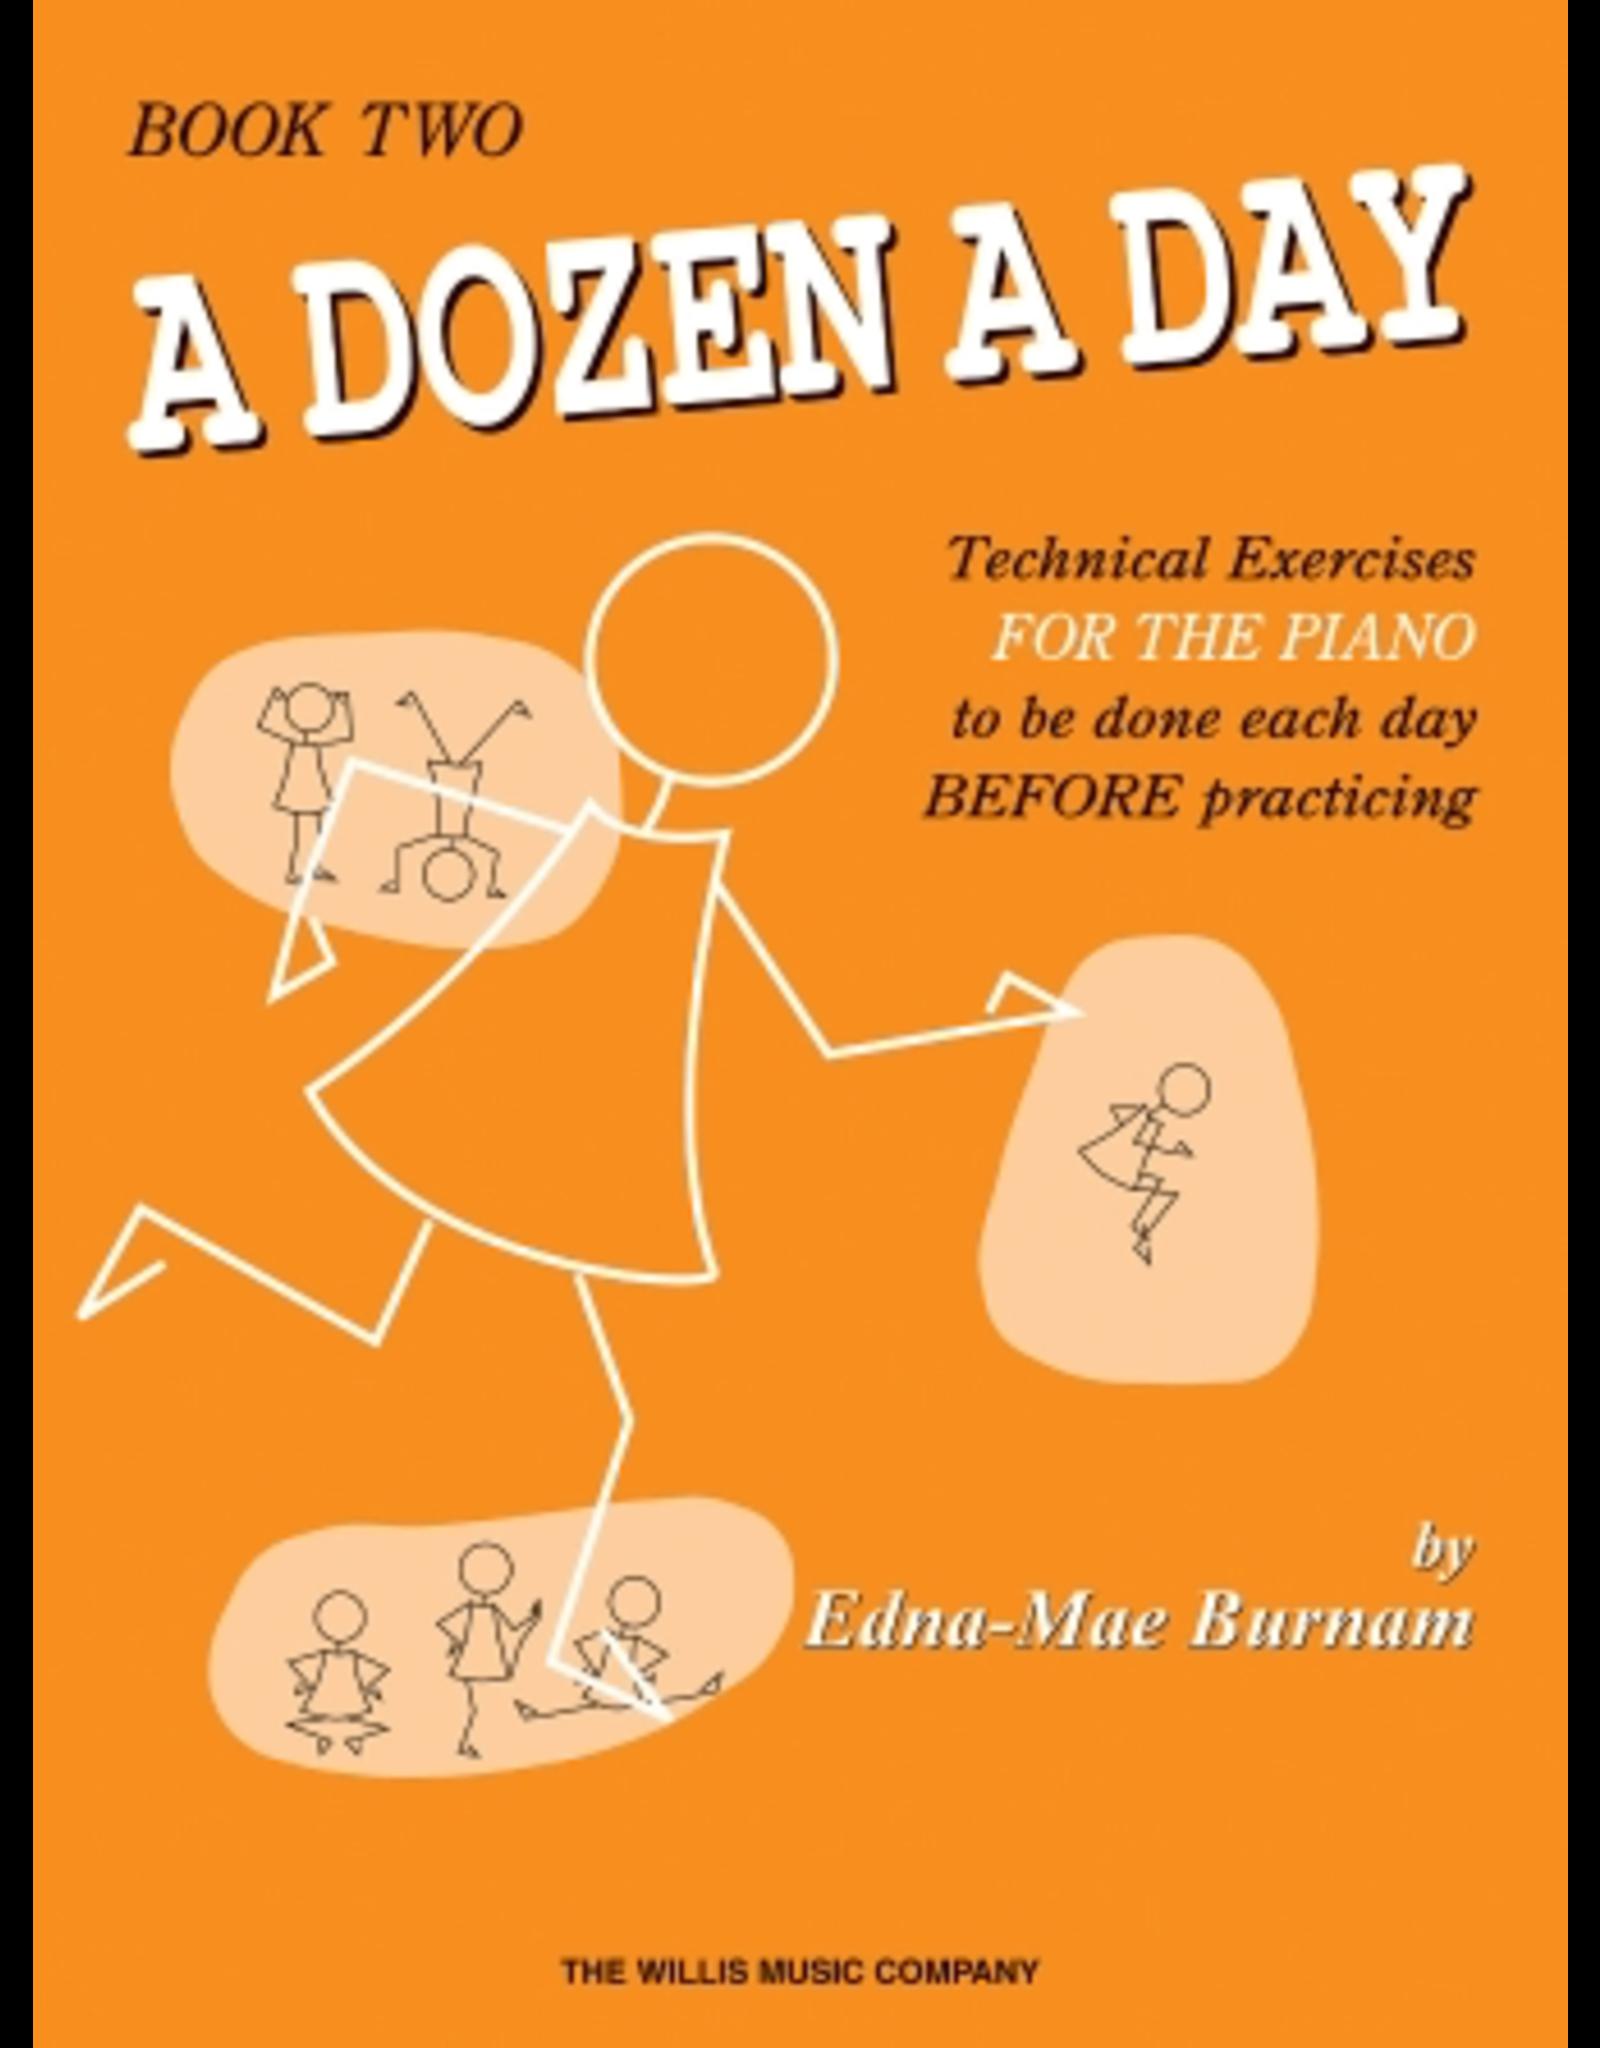 Hal Leonard Dozen a Day Technical Exercises, Book 2